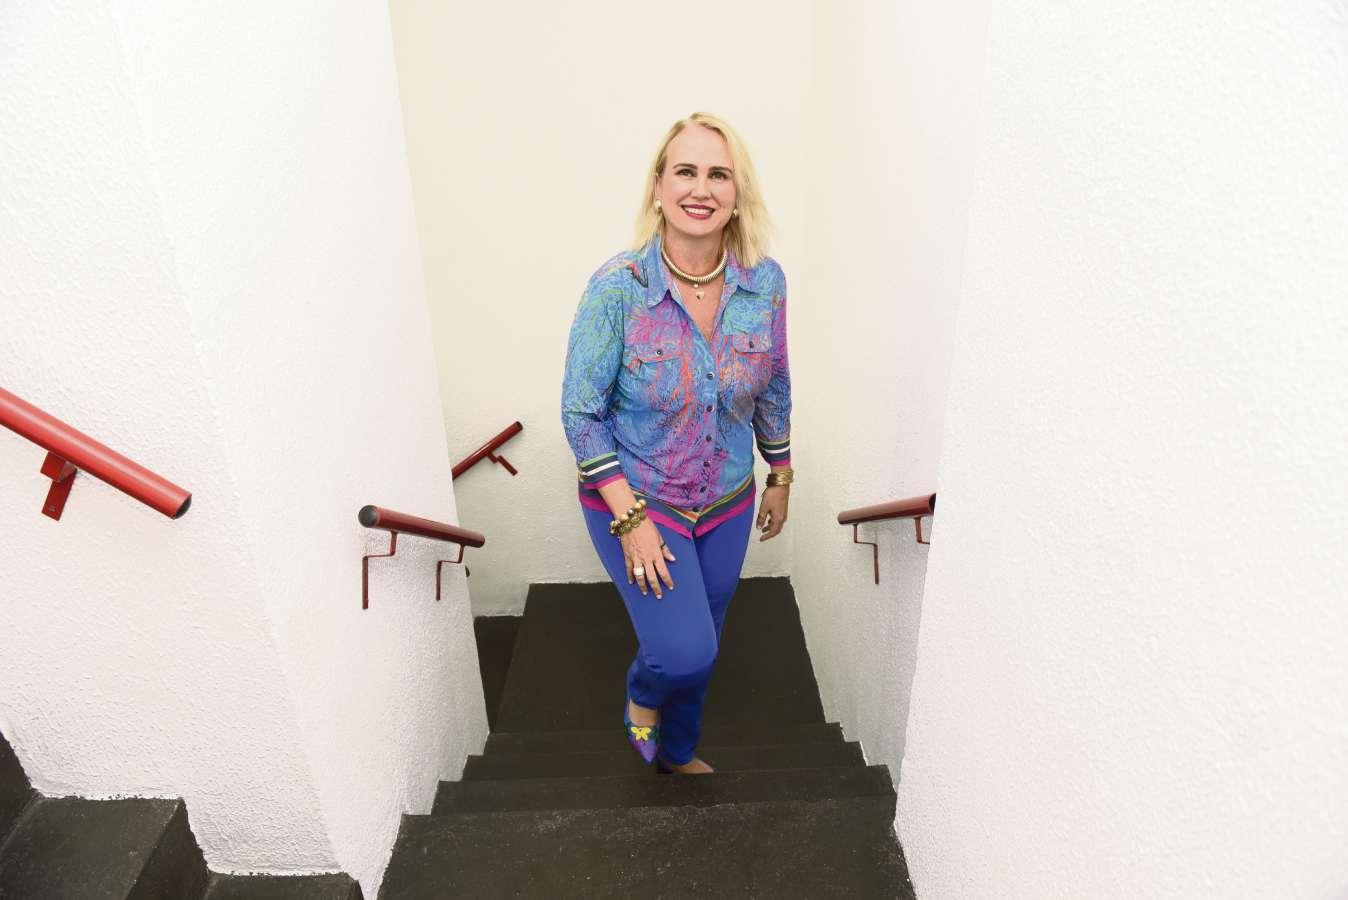 Silvania Saadi, professora de piano, usa as escadas do trabalho para se exercitar. Crédito: Vitor Jubini